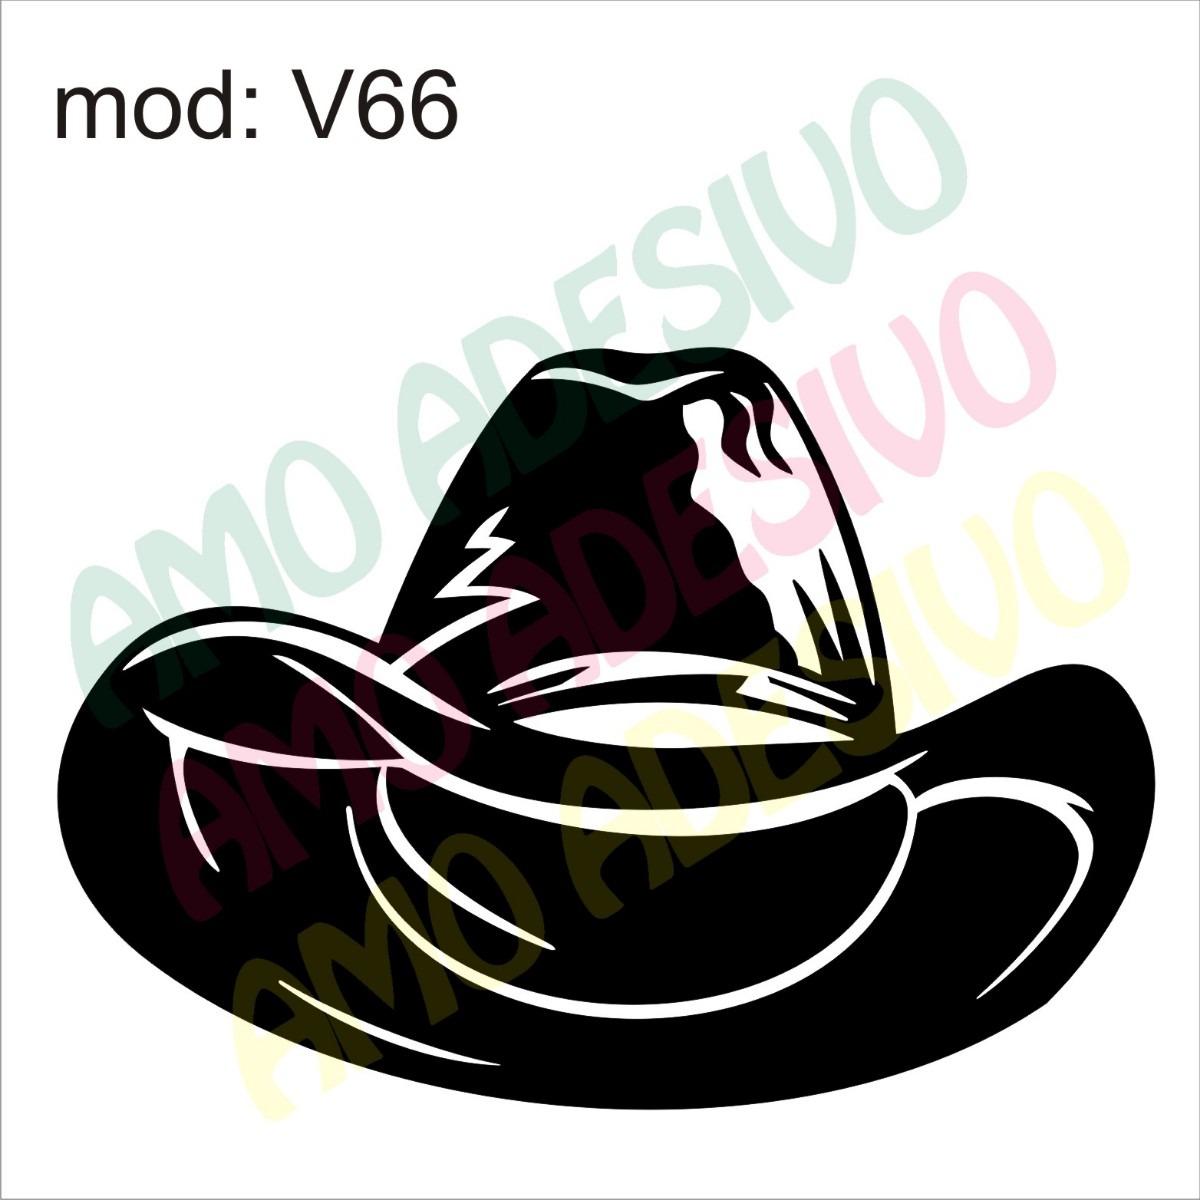 Adesivo V66 Chapeu Cowboy Desenho Abstrato Decorativo Parede - R  87 ... f9e374a4e38